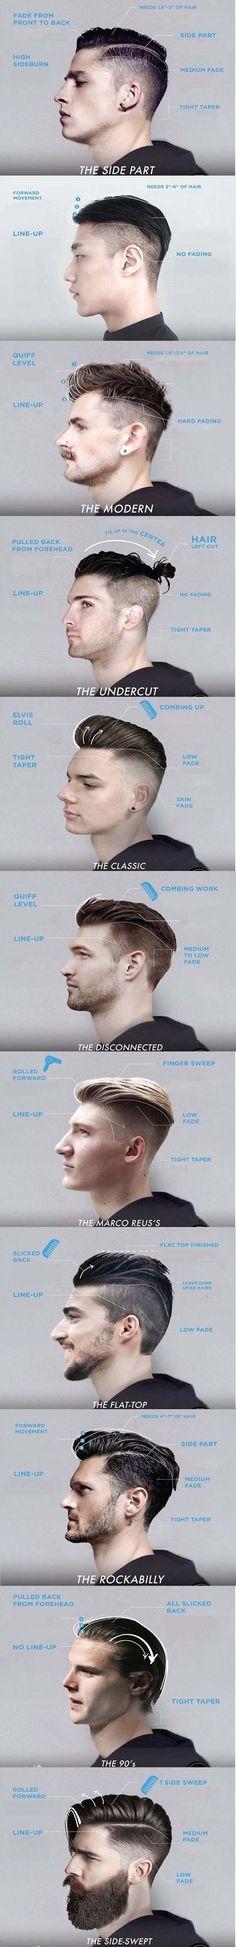 Men's Hairstyles 2017 Dashing